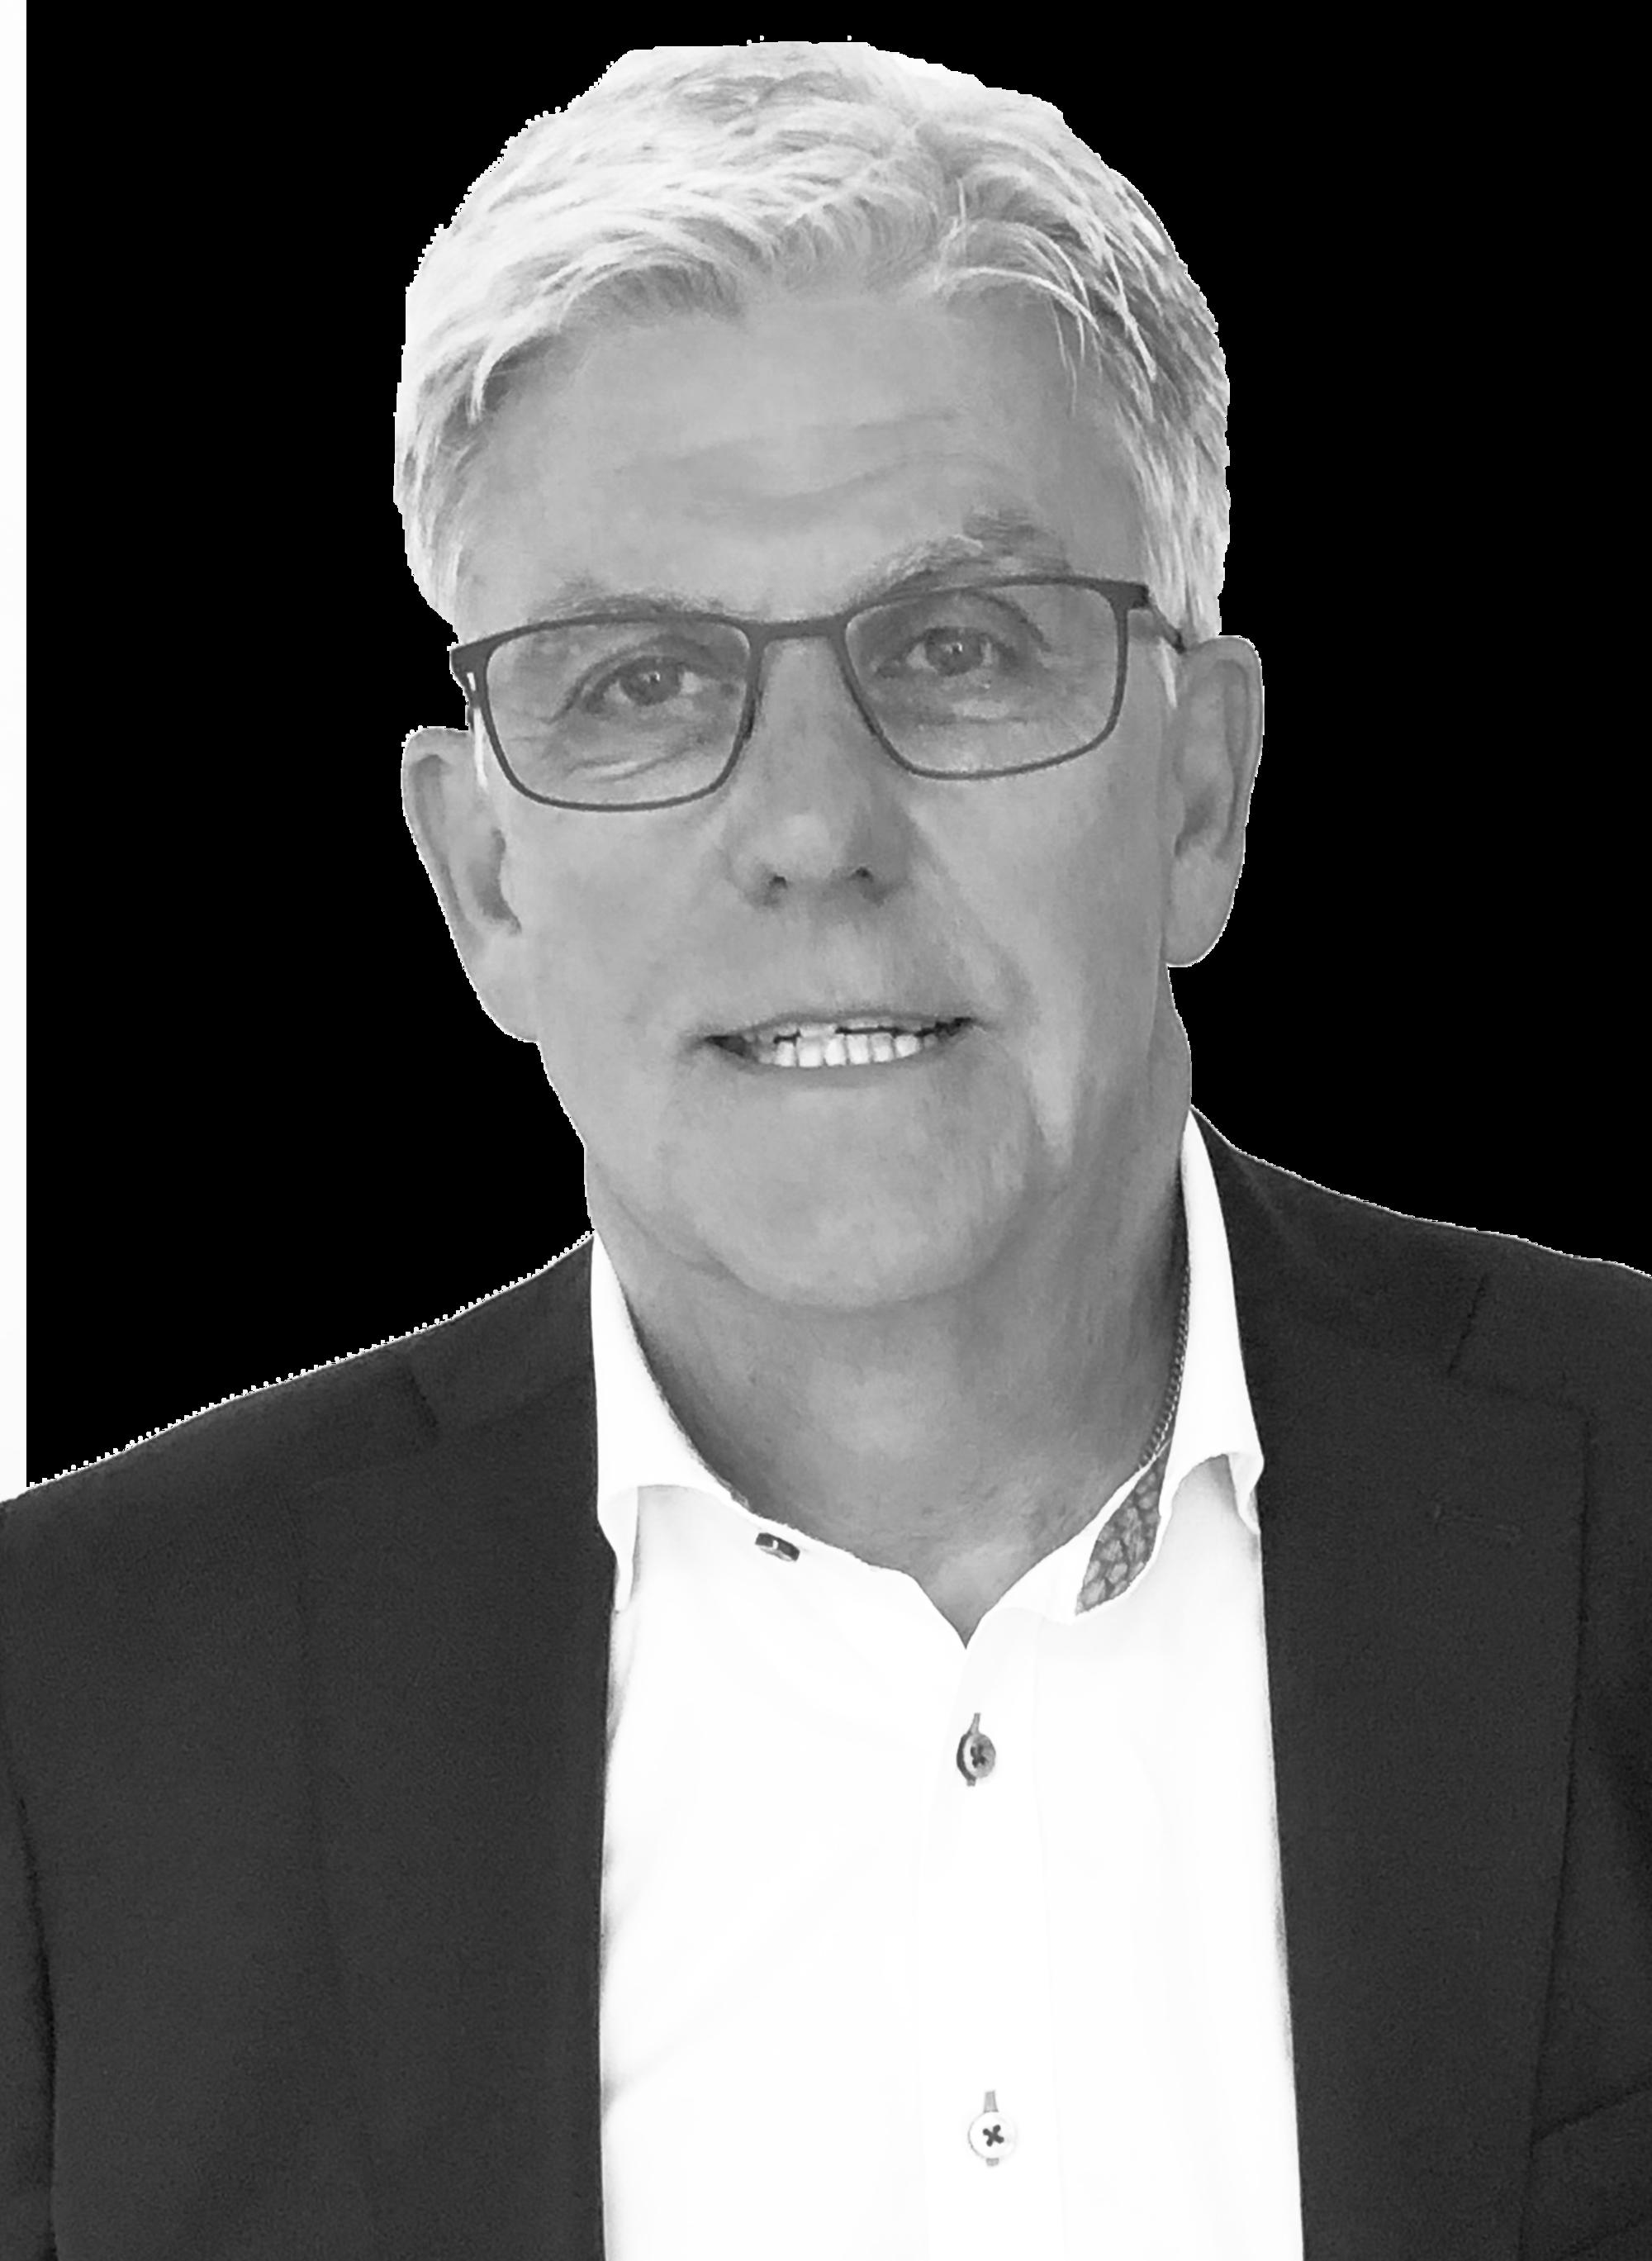 Gunnar Sundqvist